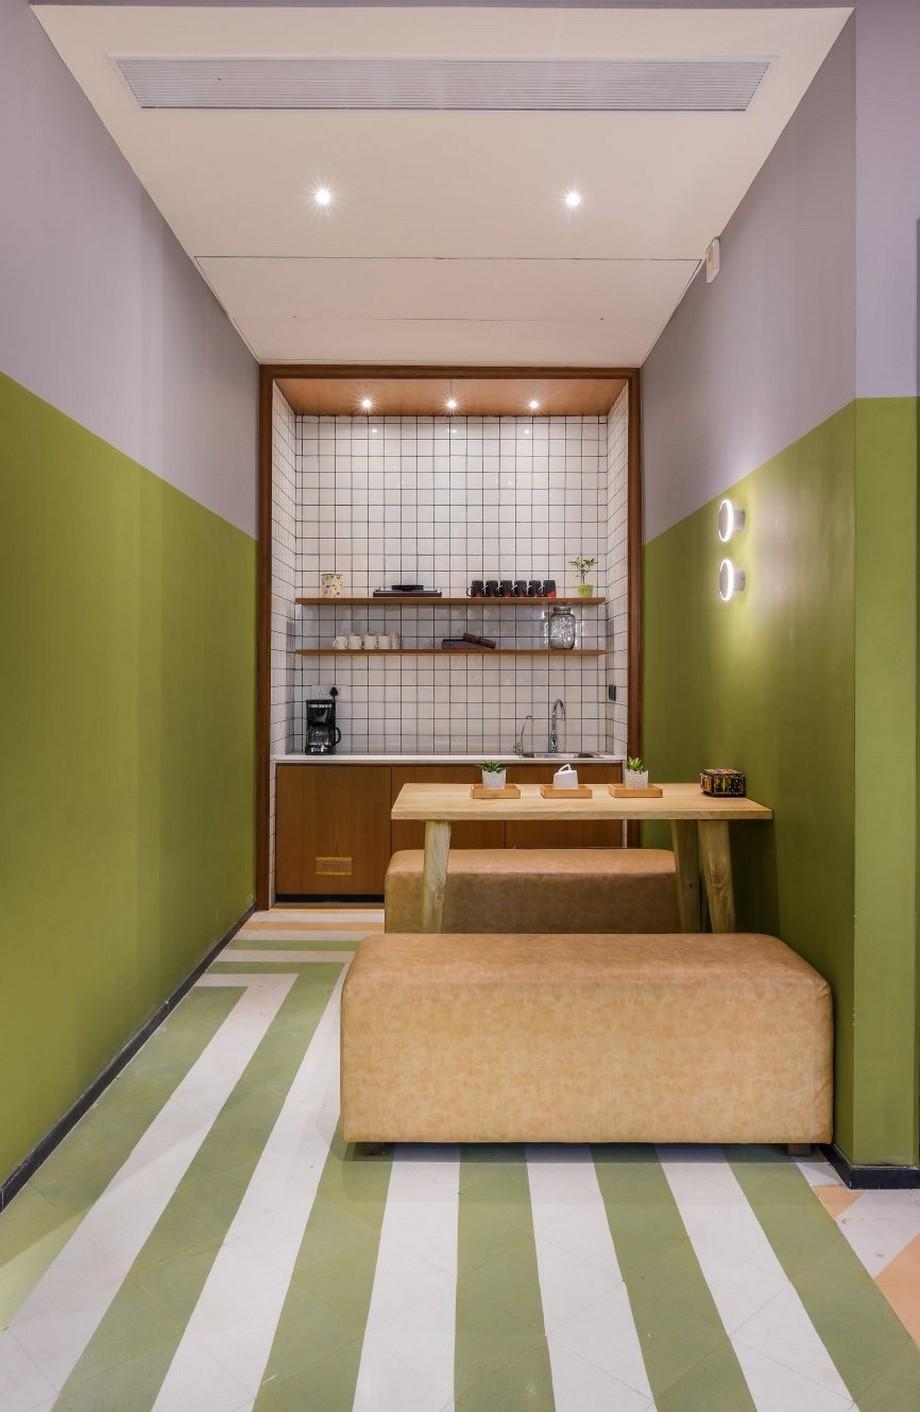 Thiết kế văn phòng đương đại bằng việc sử dụng vật liệu gỗ tự nhiên